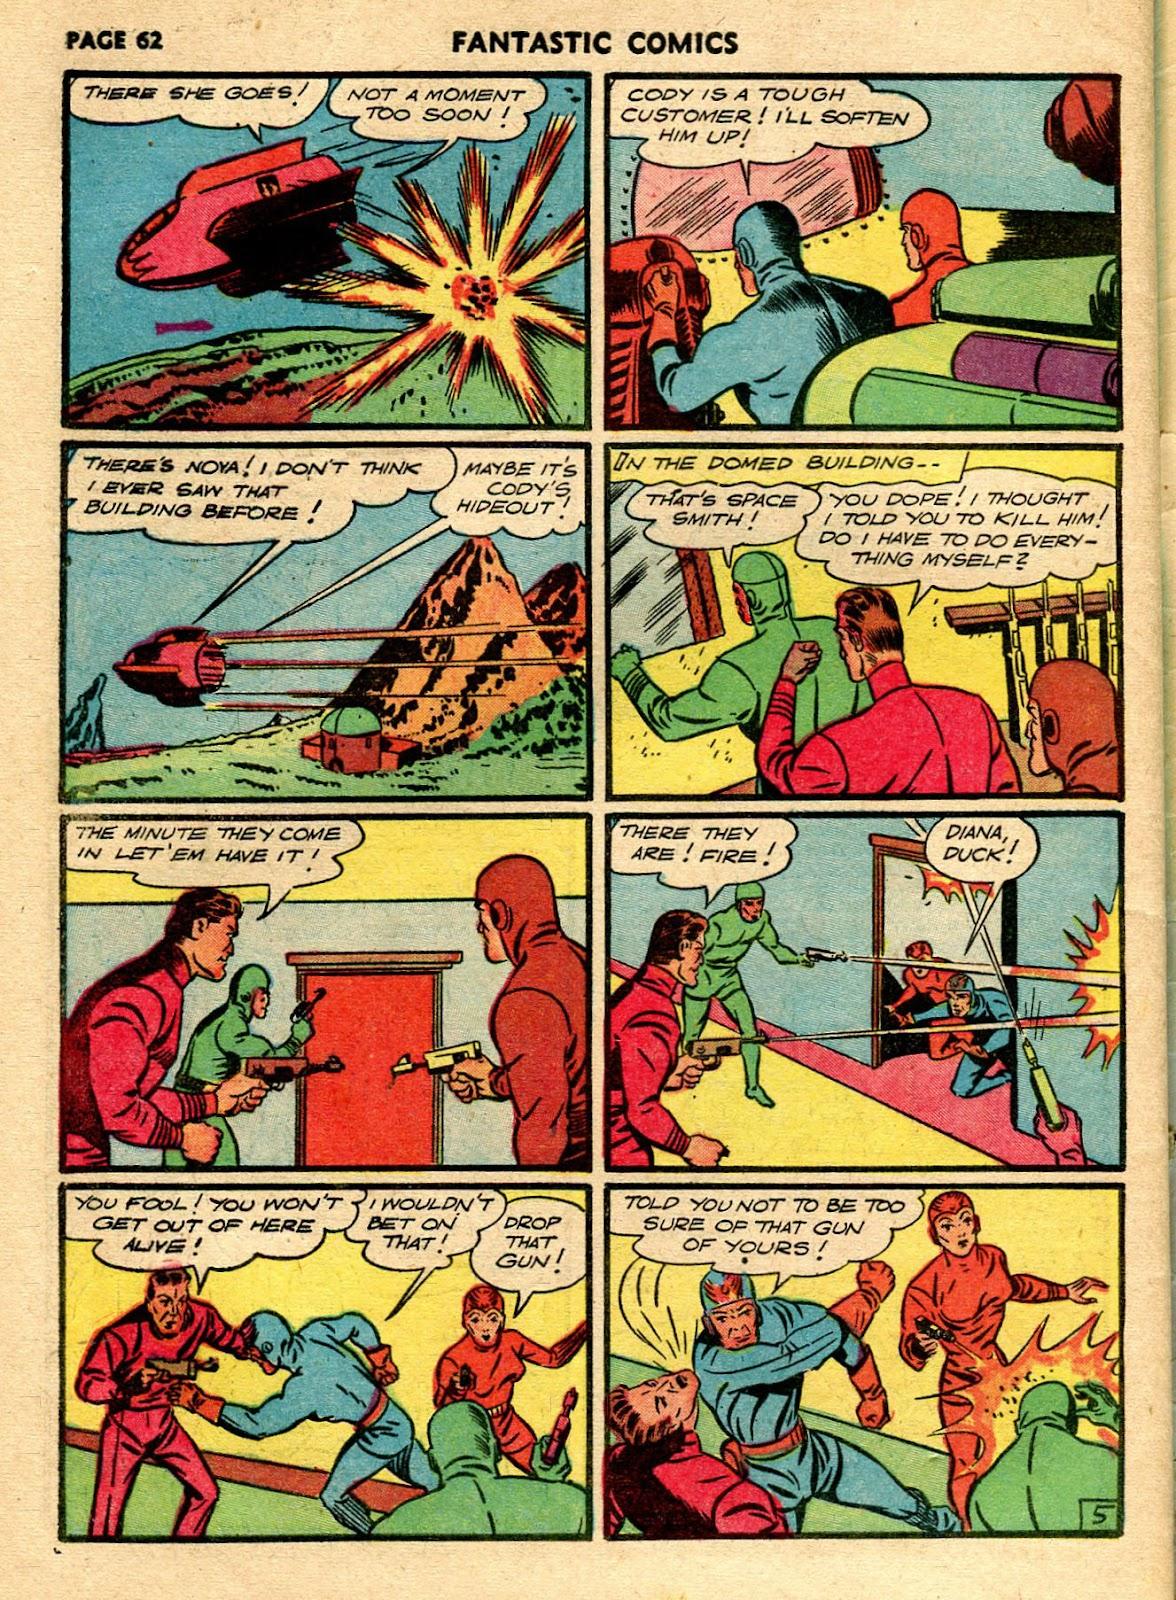 Read online Fantastic Comics comic -  Issue #21 - 60